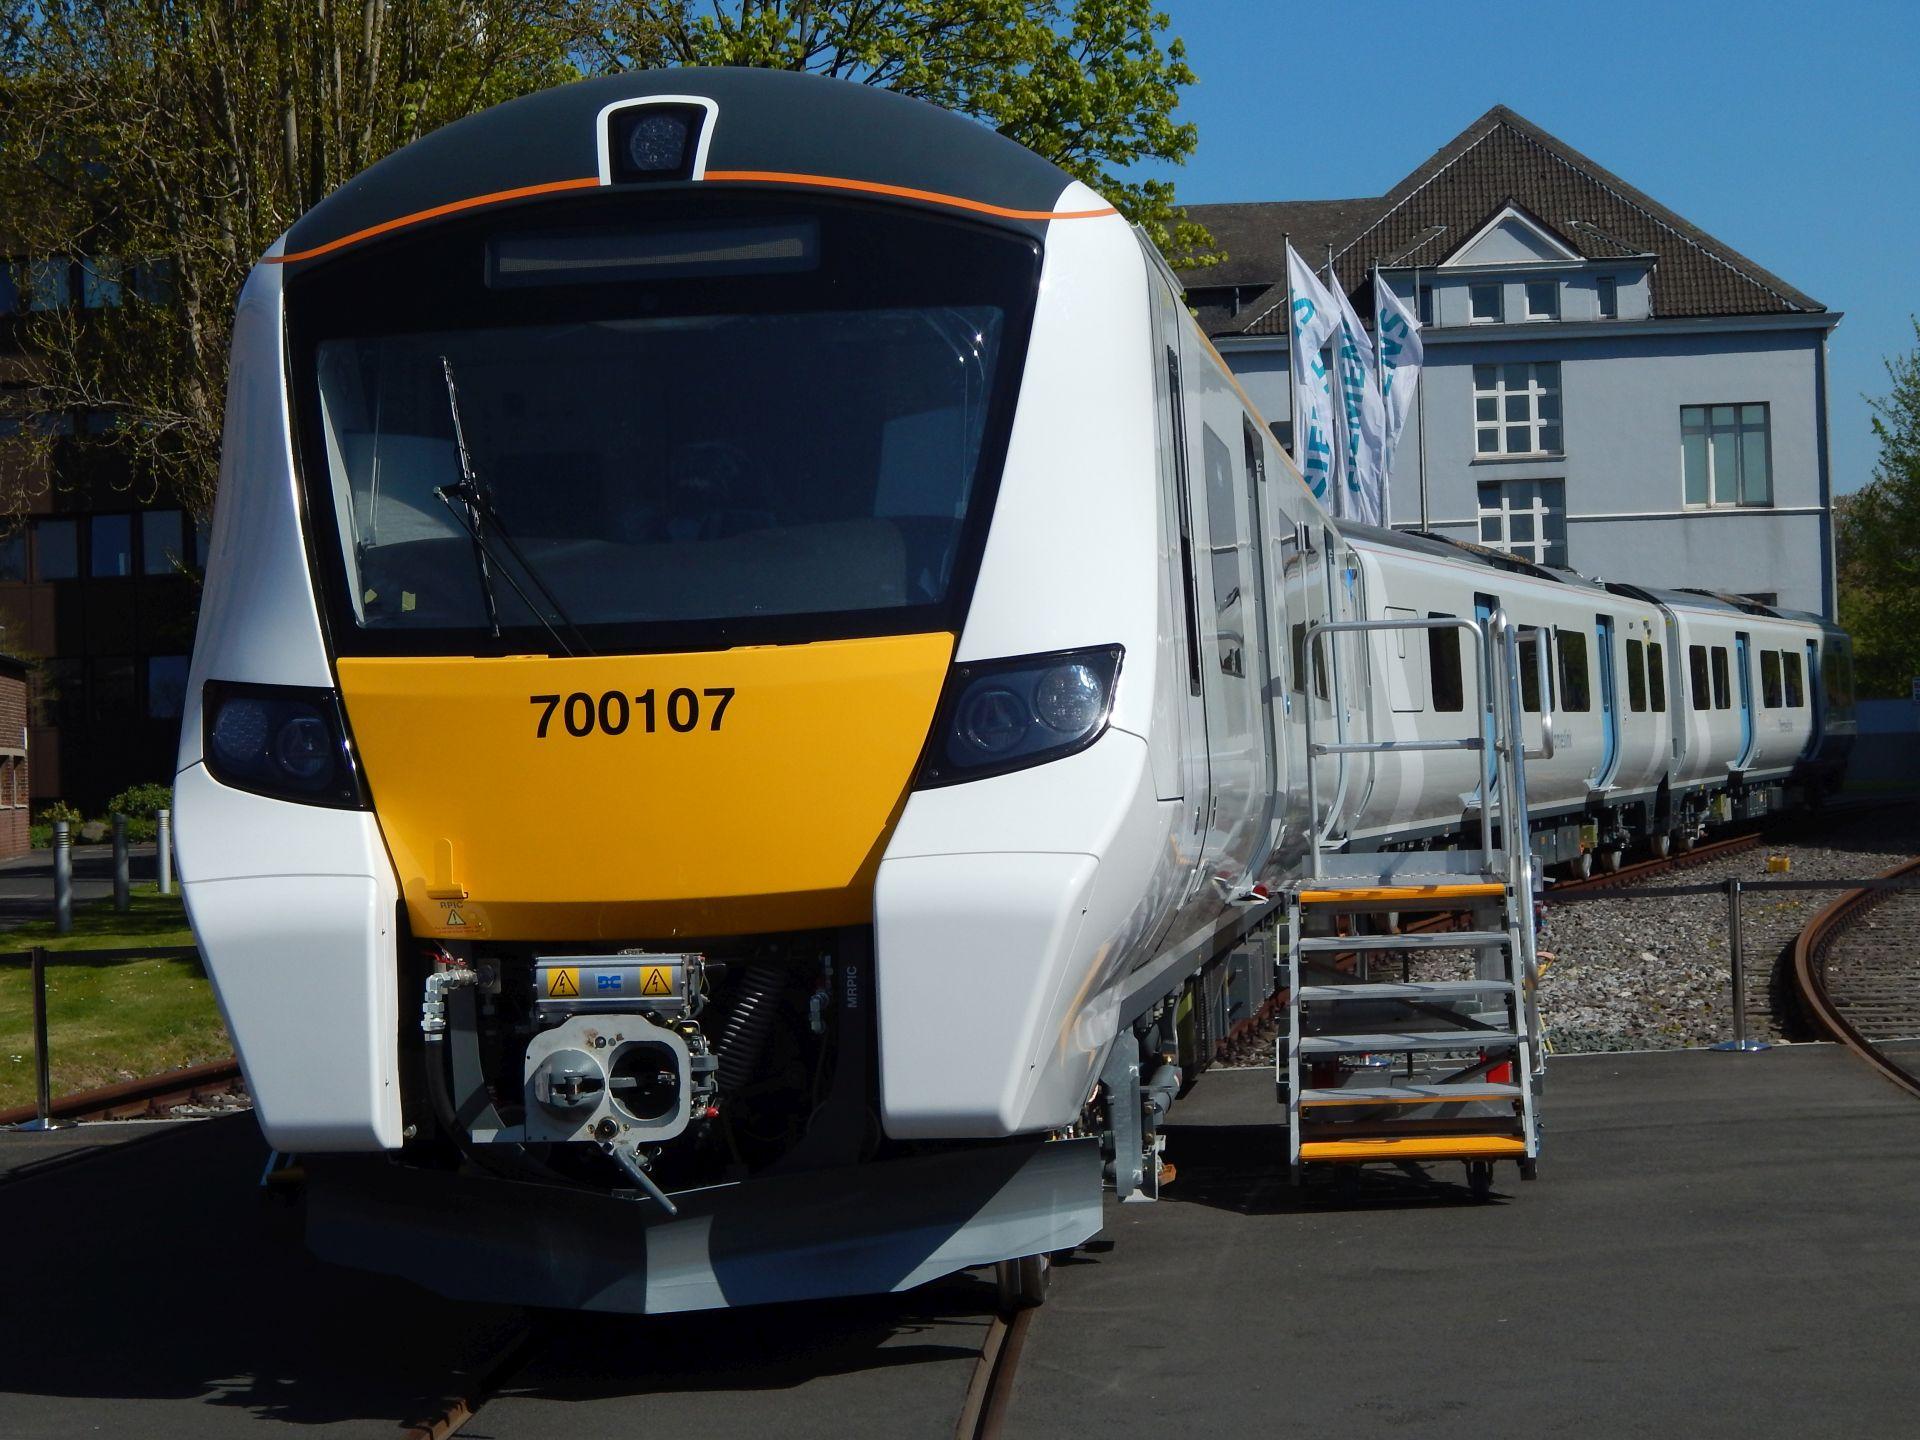 Nový vlak od Siemensu pro londýnský systém Thameslink. Autor: Zdopravy.cz/Jan Šindelář